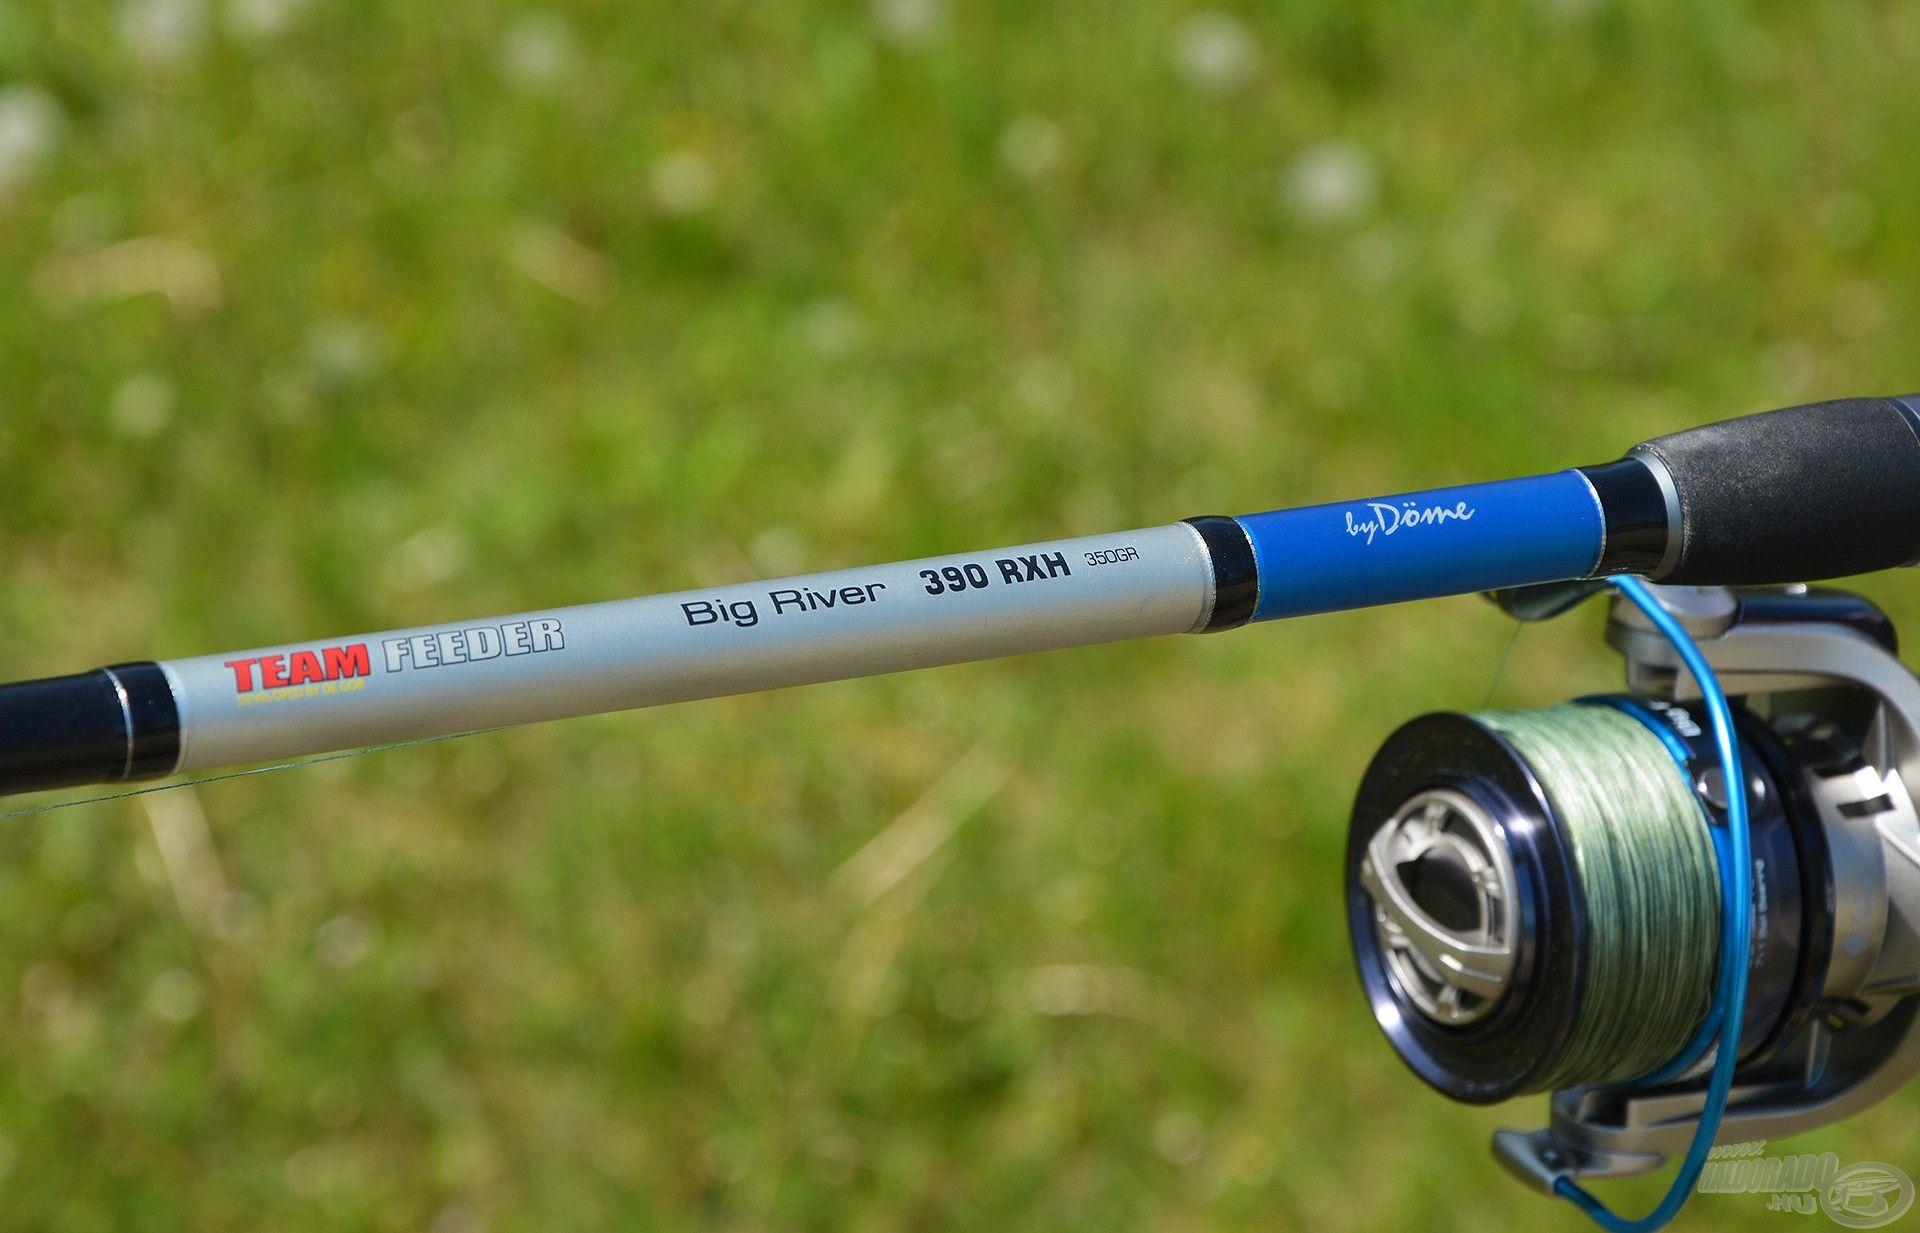 Legerősebb botomat, a By Döme TEAM FEEDER Big River 390RXH típust használom…